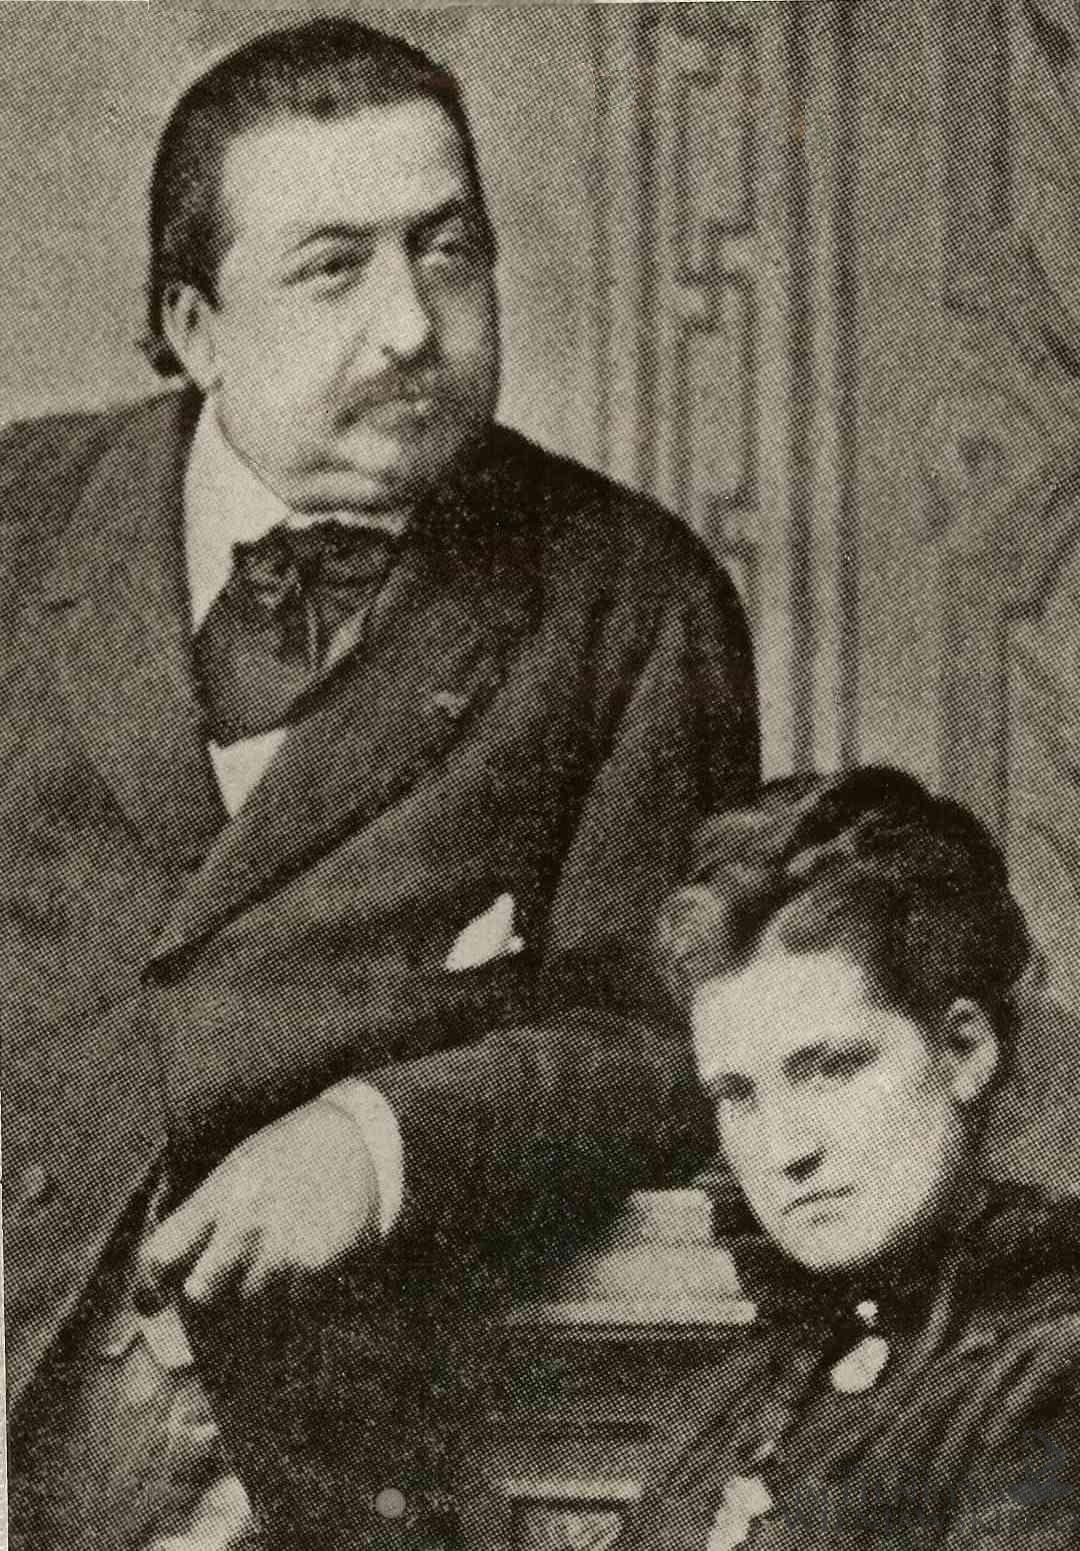 ヴィエニャフスキ夫妻